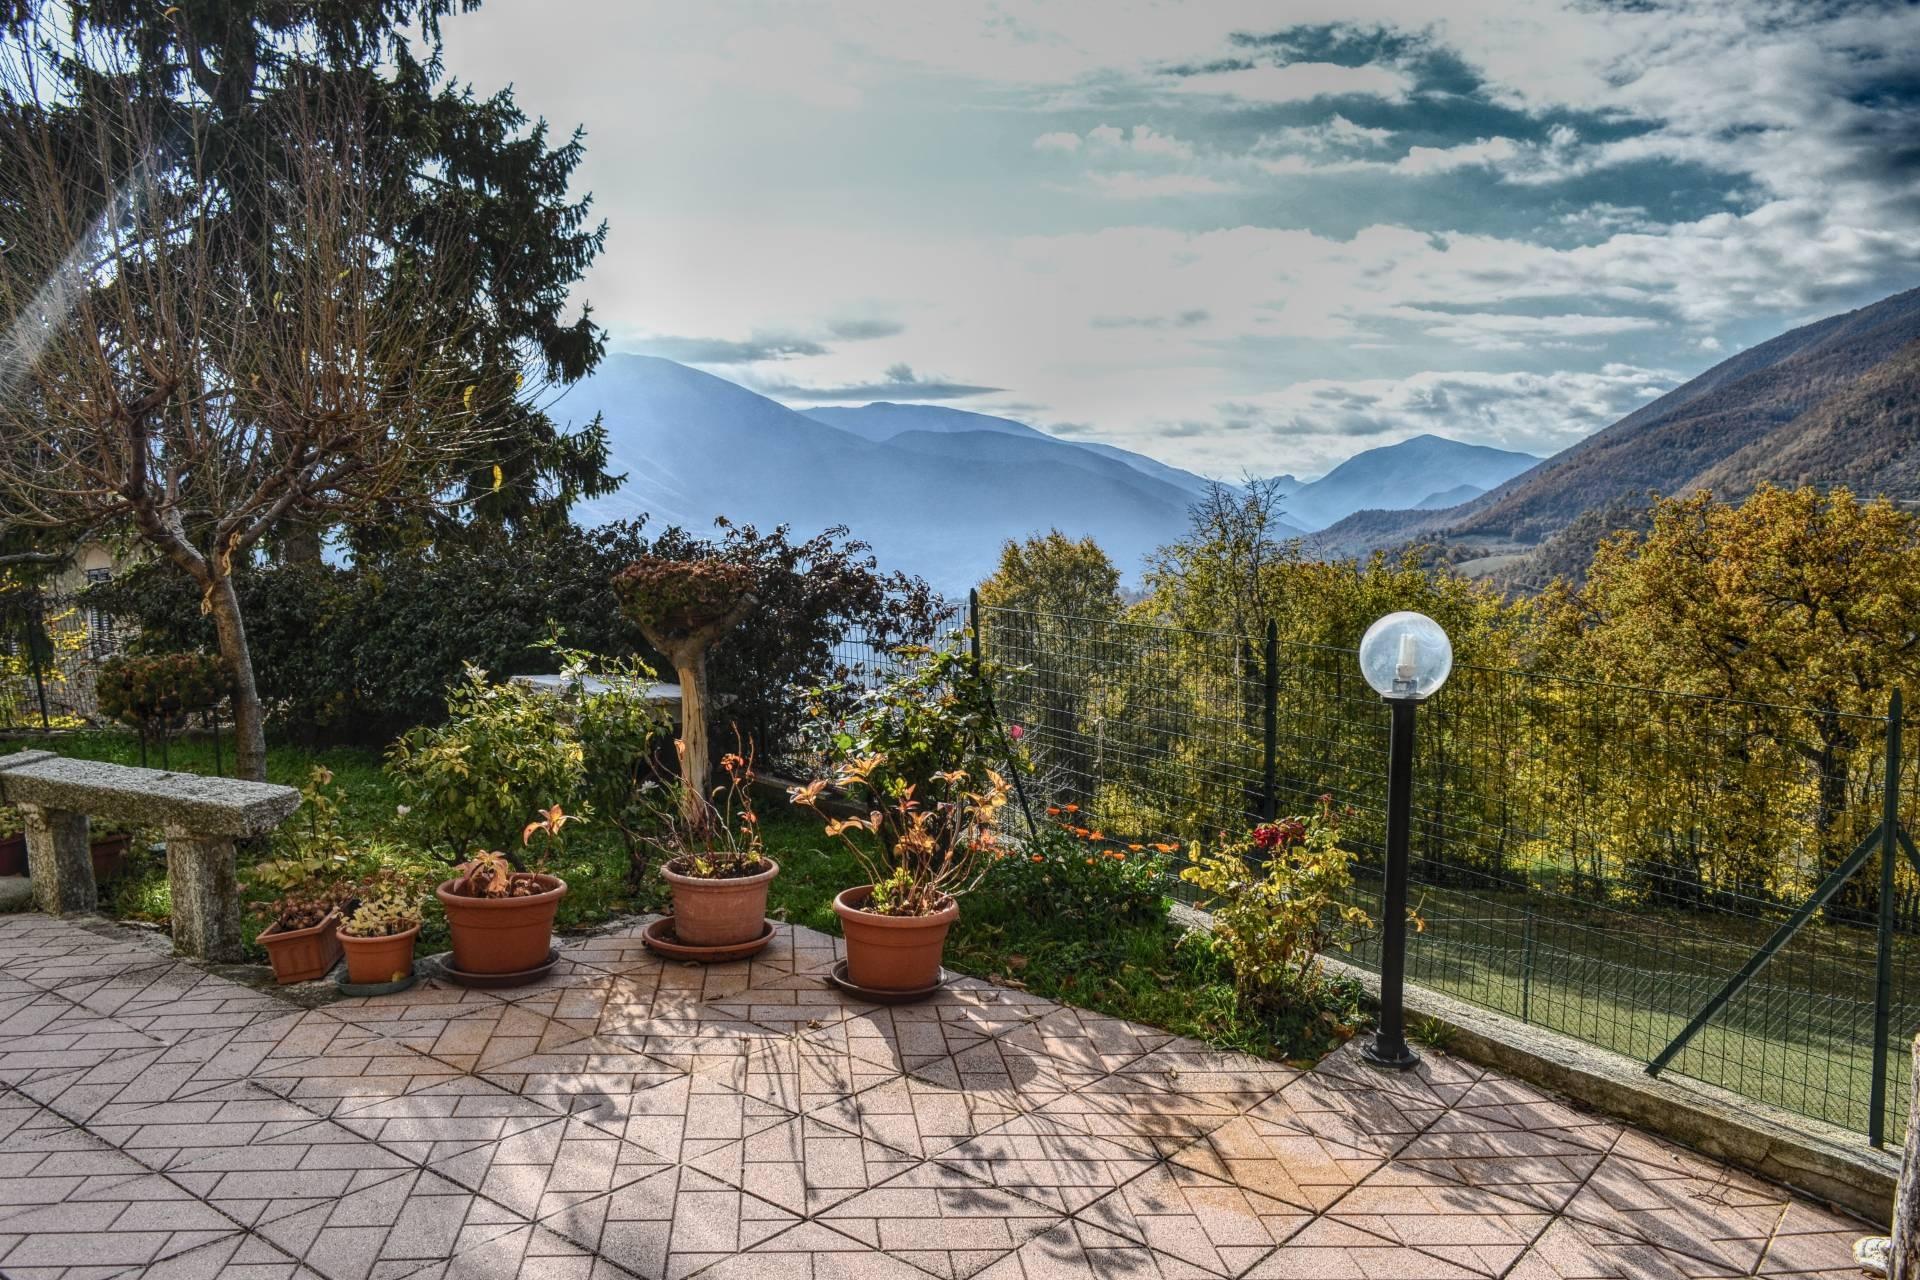 Soluzione Indipendente in vendita a Vallo di Nera, 5 locali, zona Zona: Meggiano, prezzo € 180.000 | CambioCasa.it